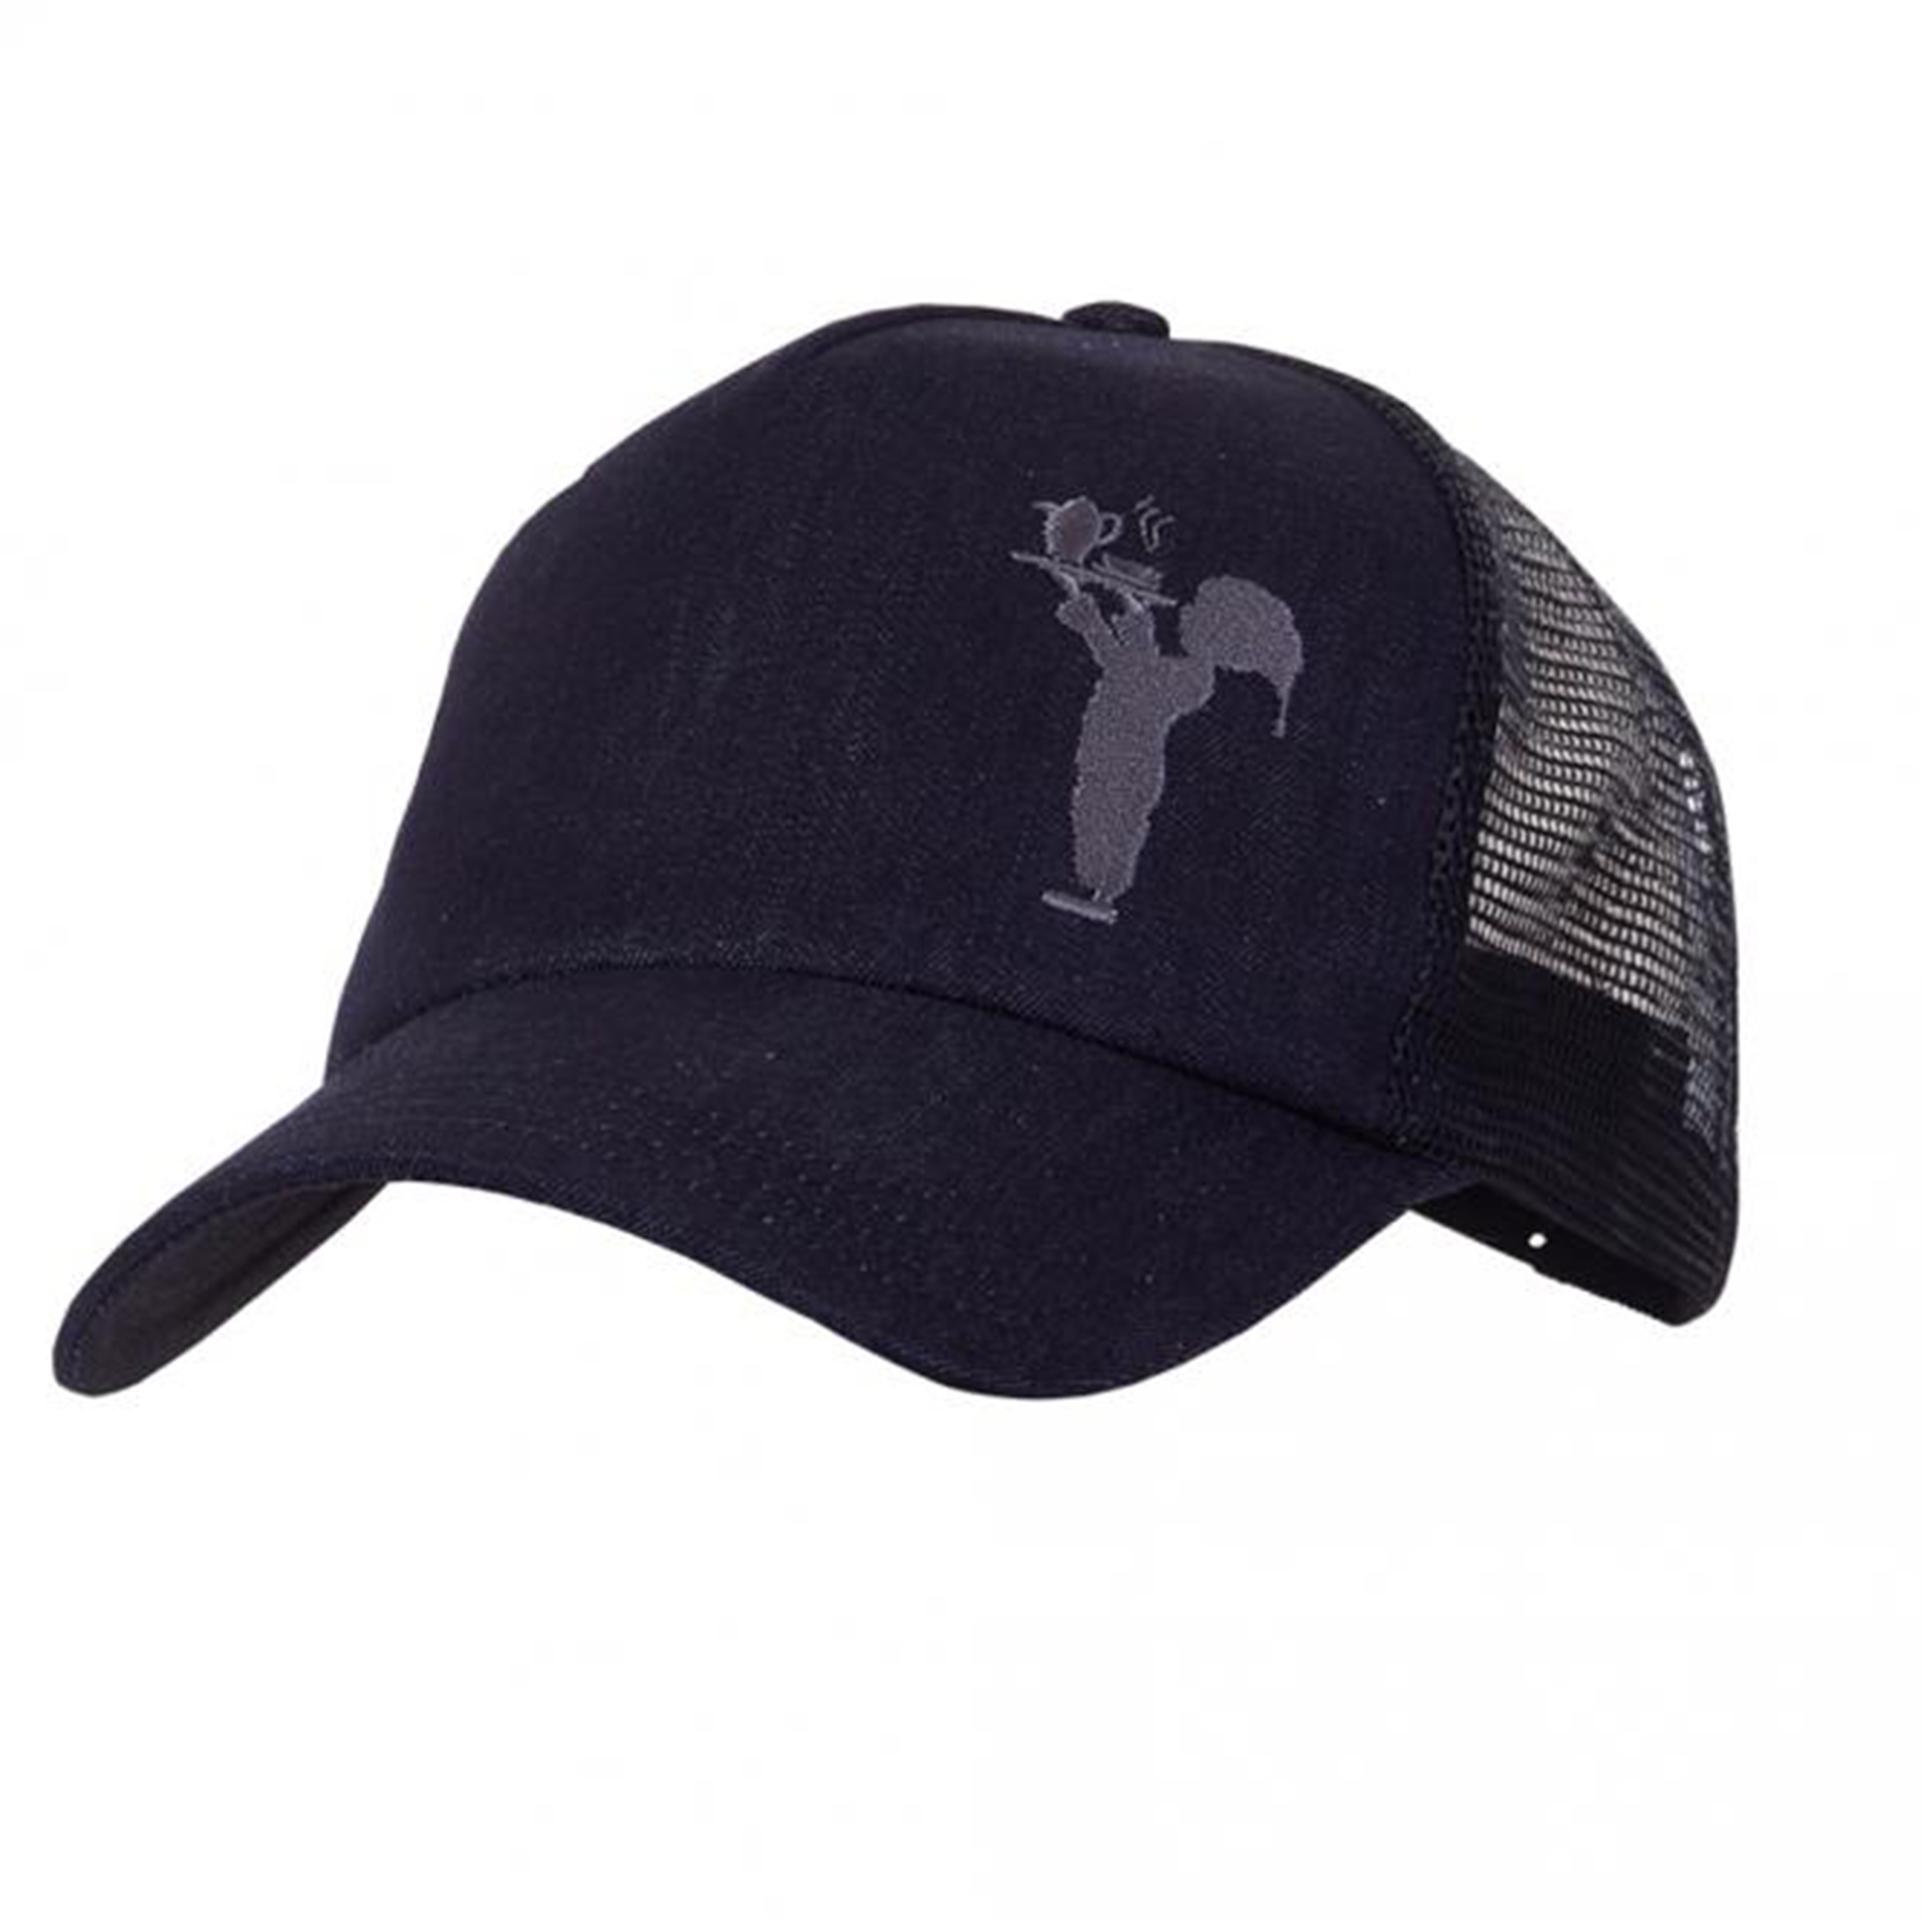 DINZLER Cap